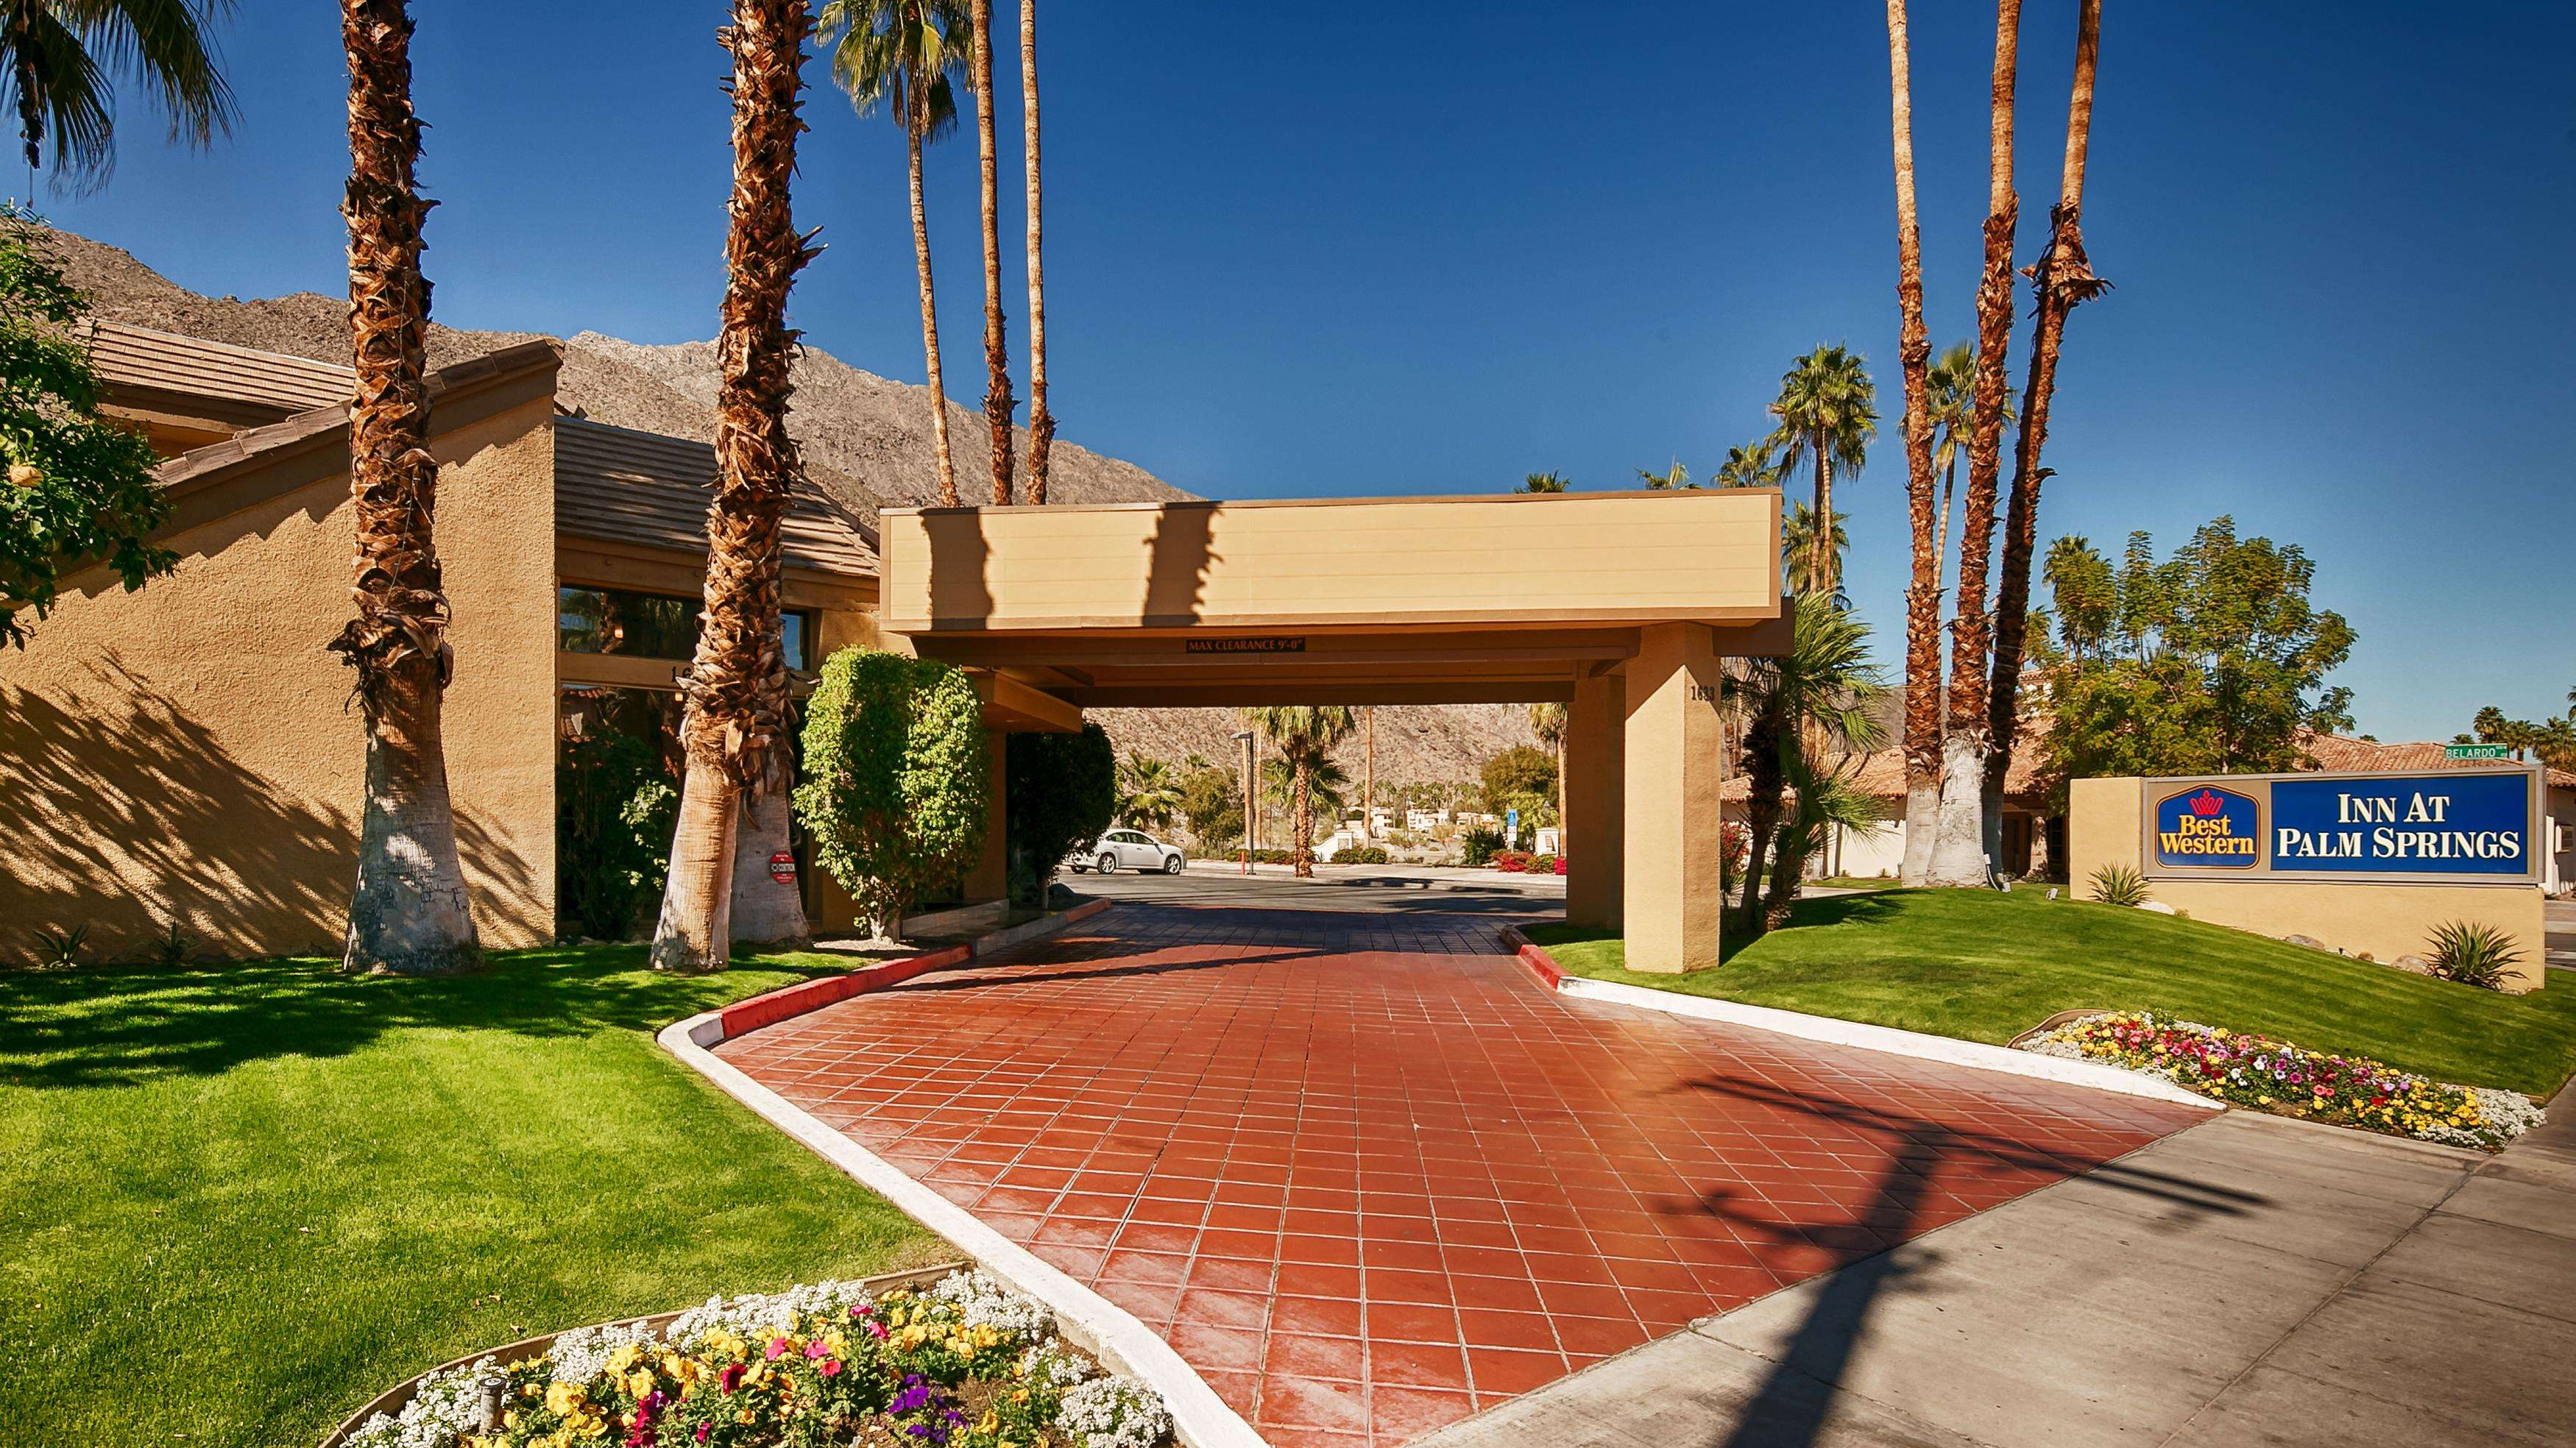 Best Western Inn at Palm Springs image 0